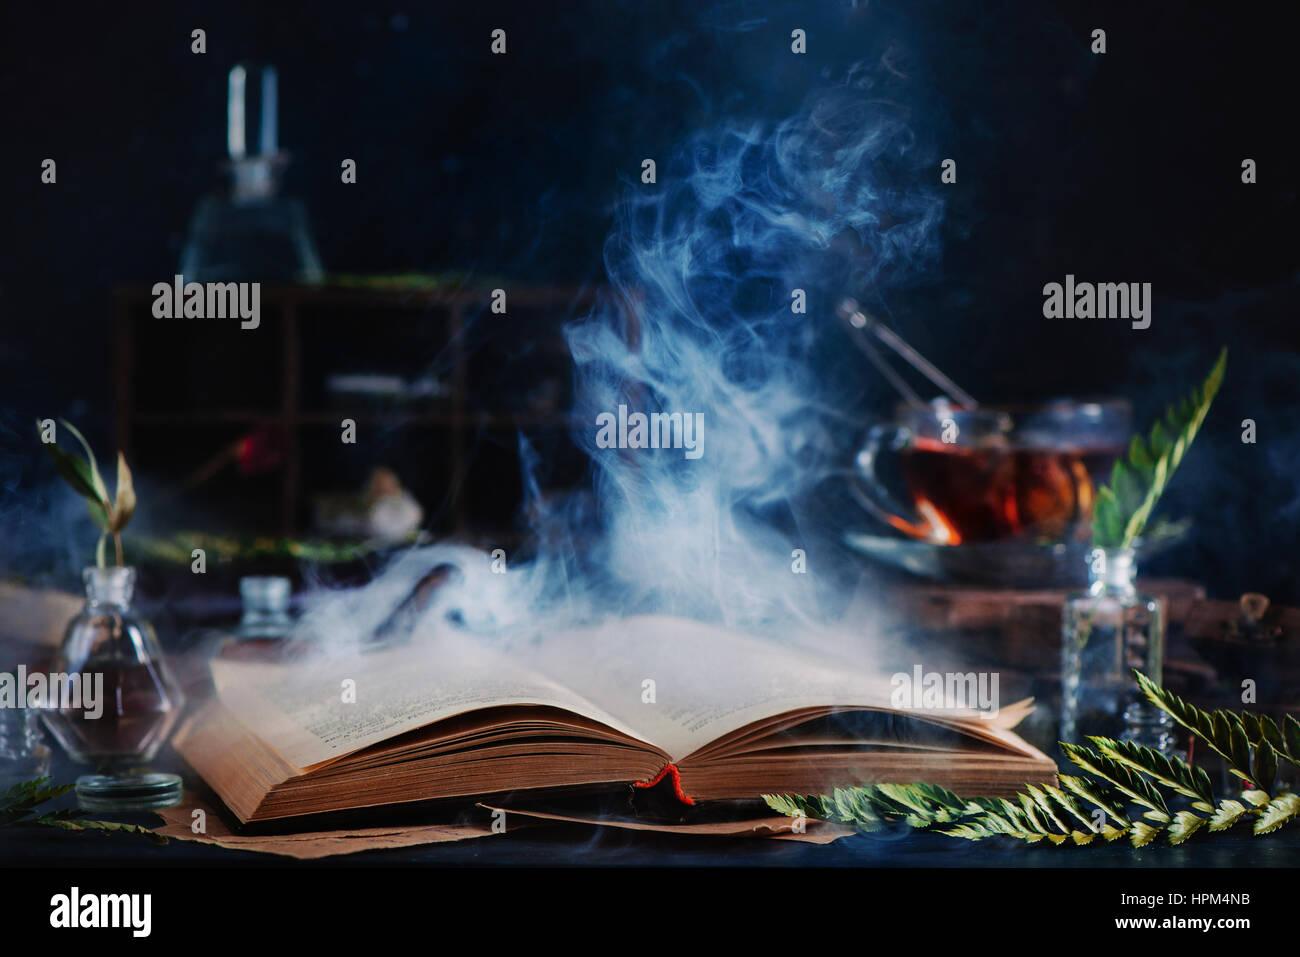 Stillleben mit offenen Zauberbuch, magische Rauch, Kräuter, Hexerei Werkzeuge und Tee Stockbild